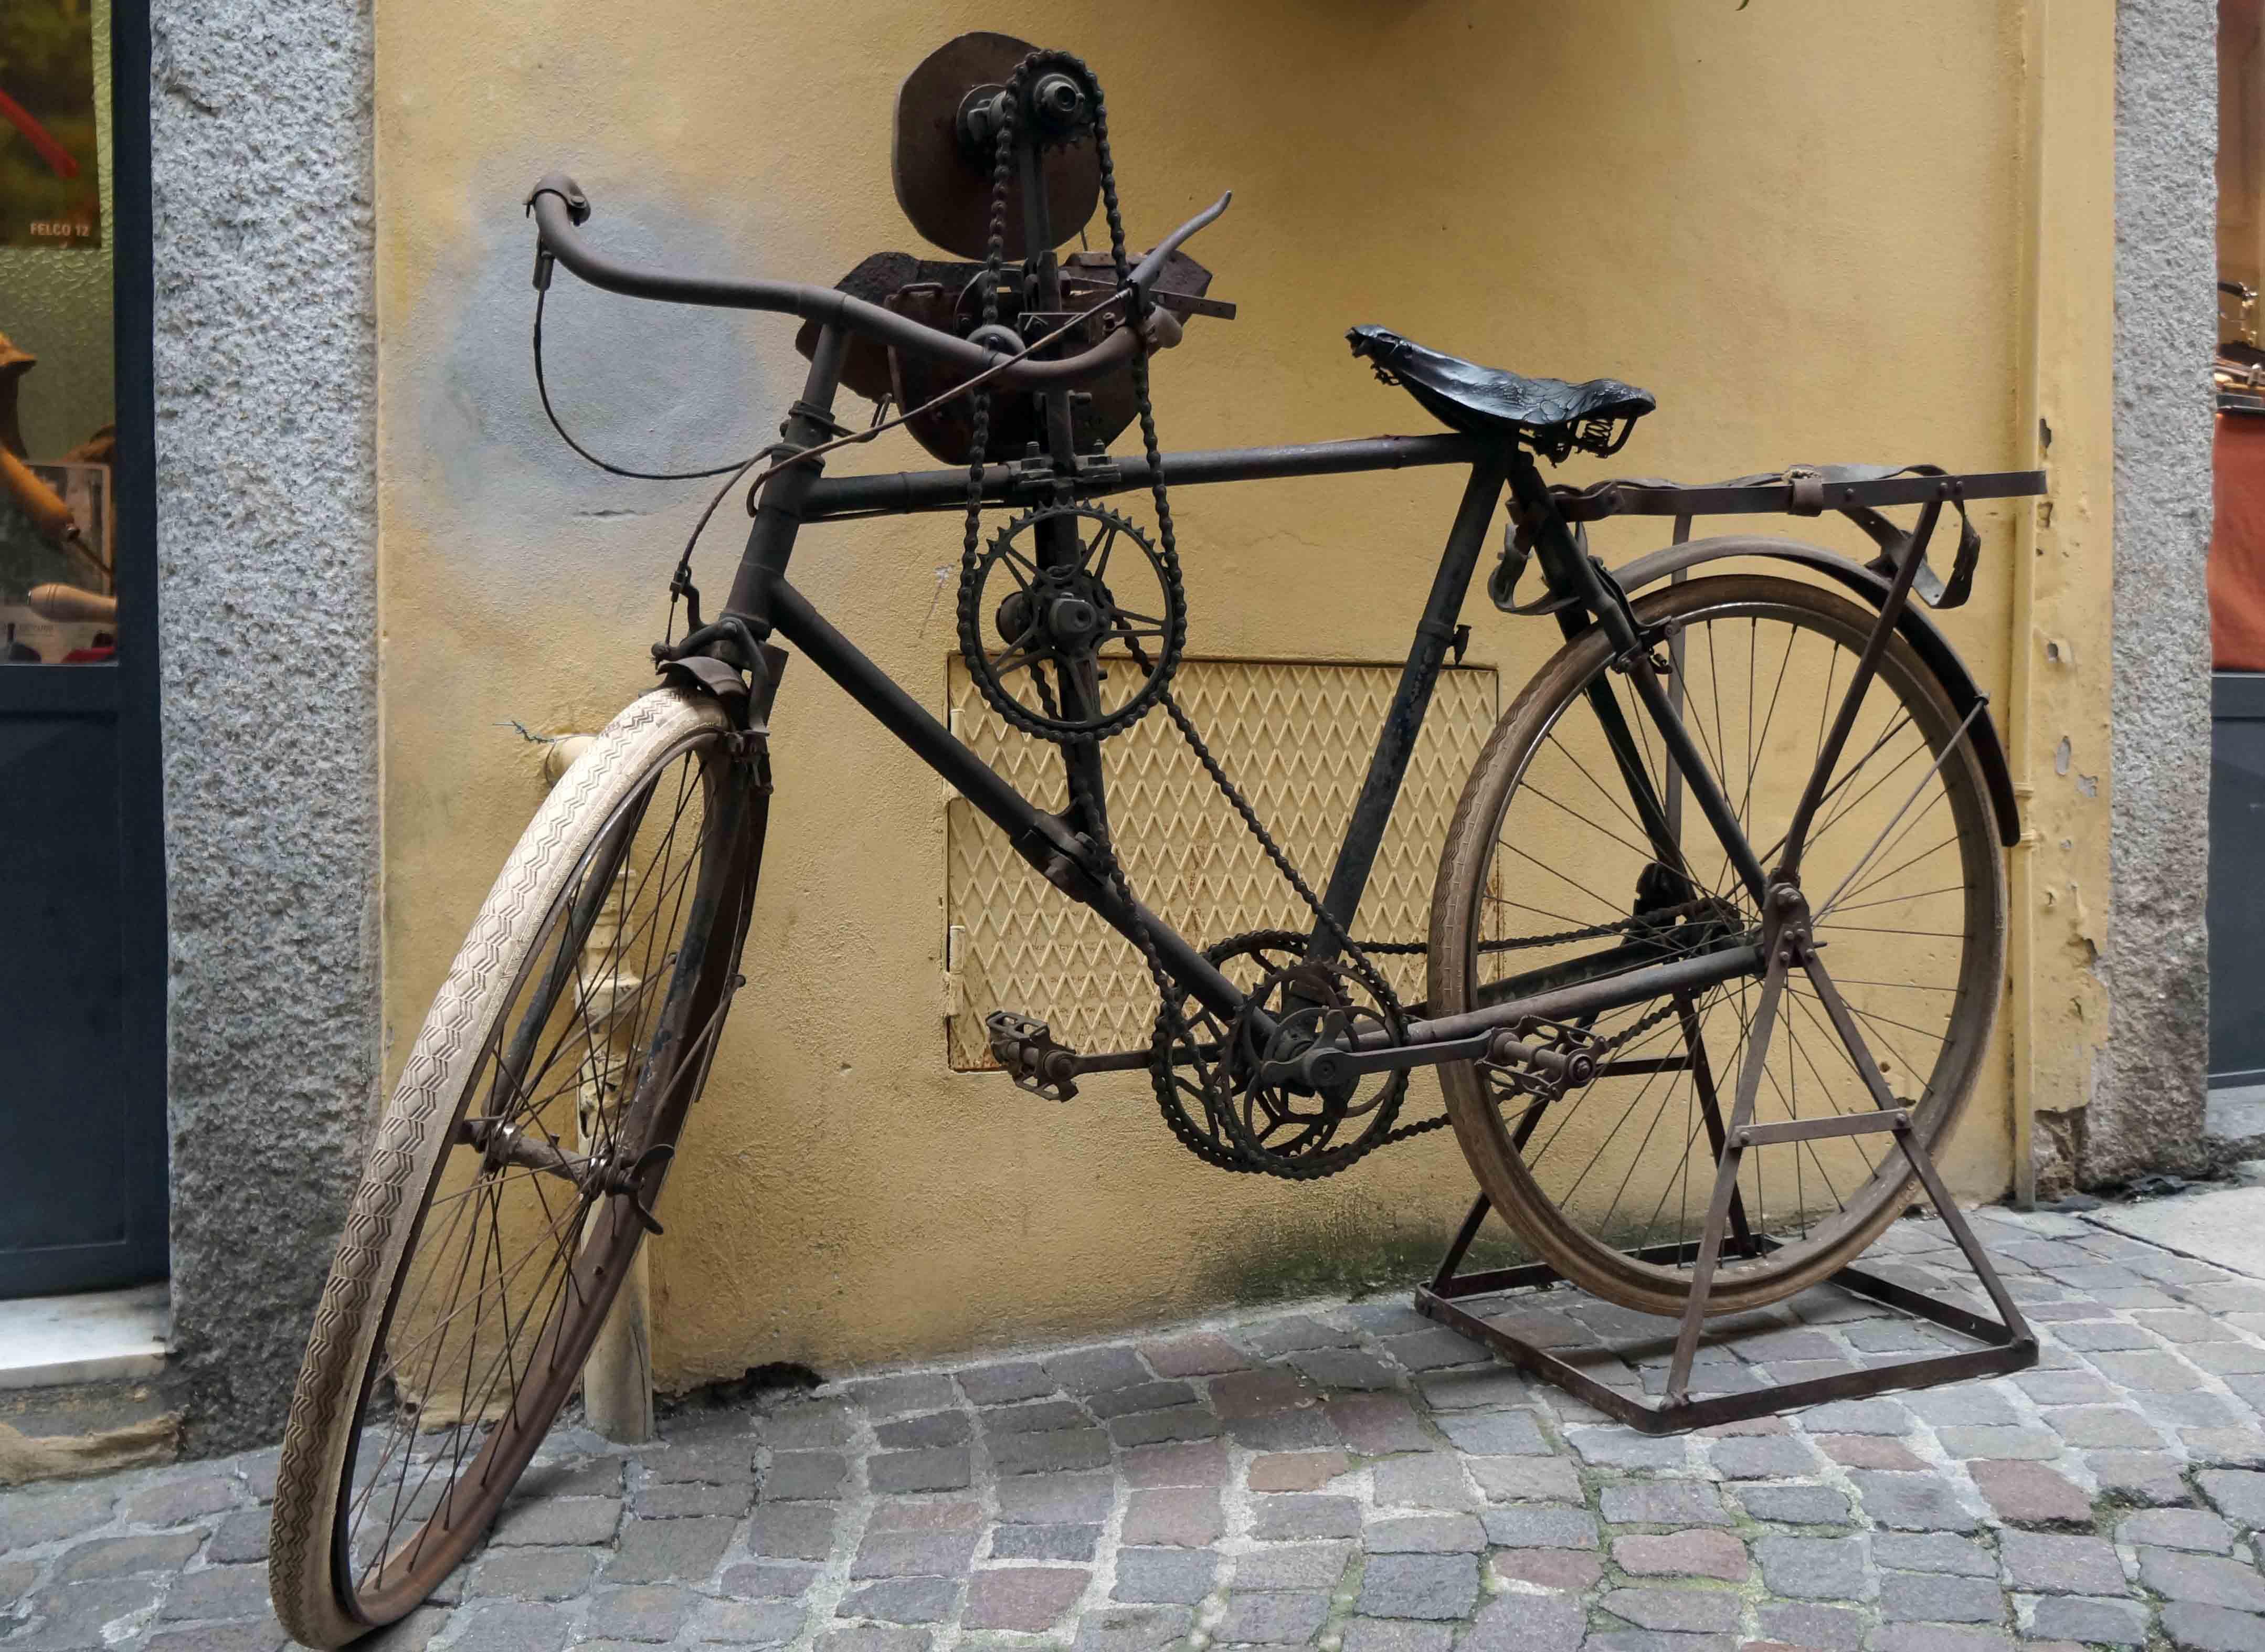 Mobilität der Zukunft - Mobilität der Vergangenheit